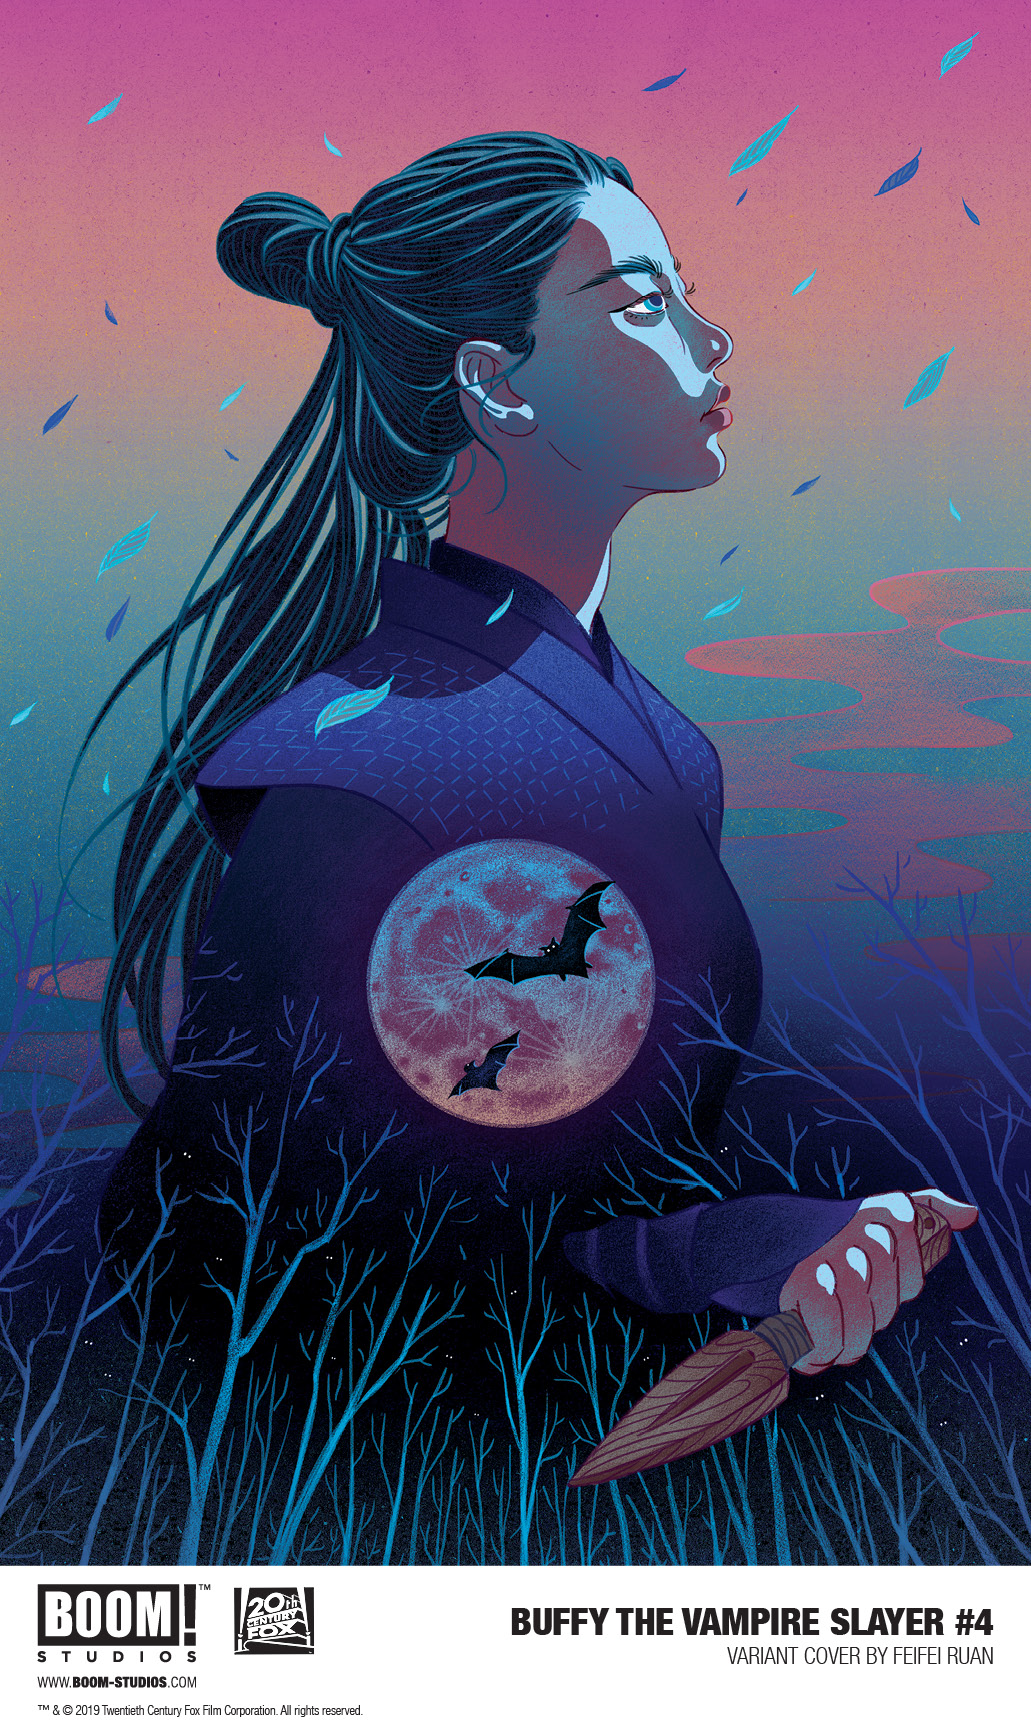 Buffy_004_Variant_Ruan_PROMO.jpg